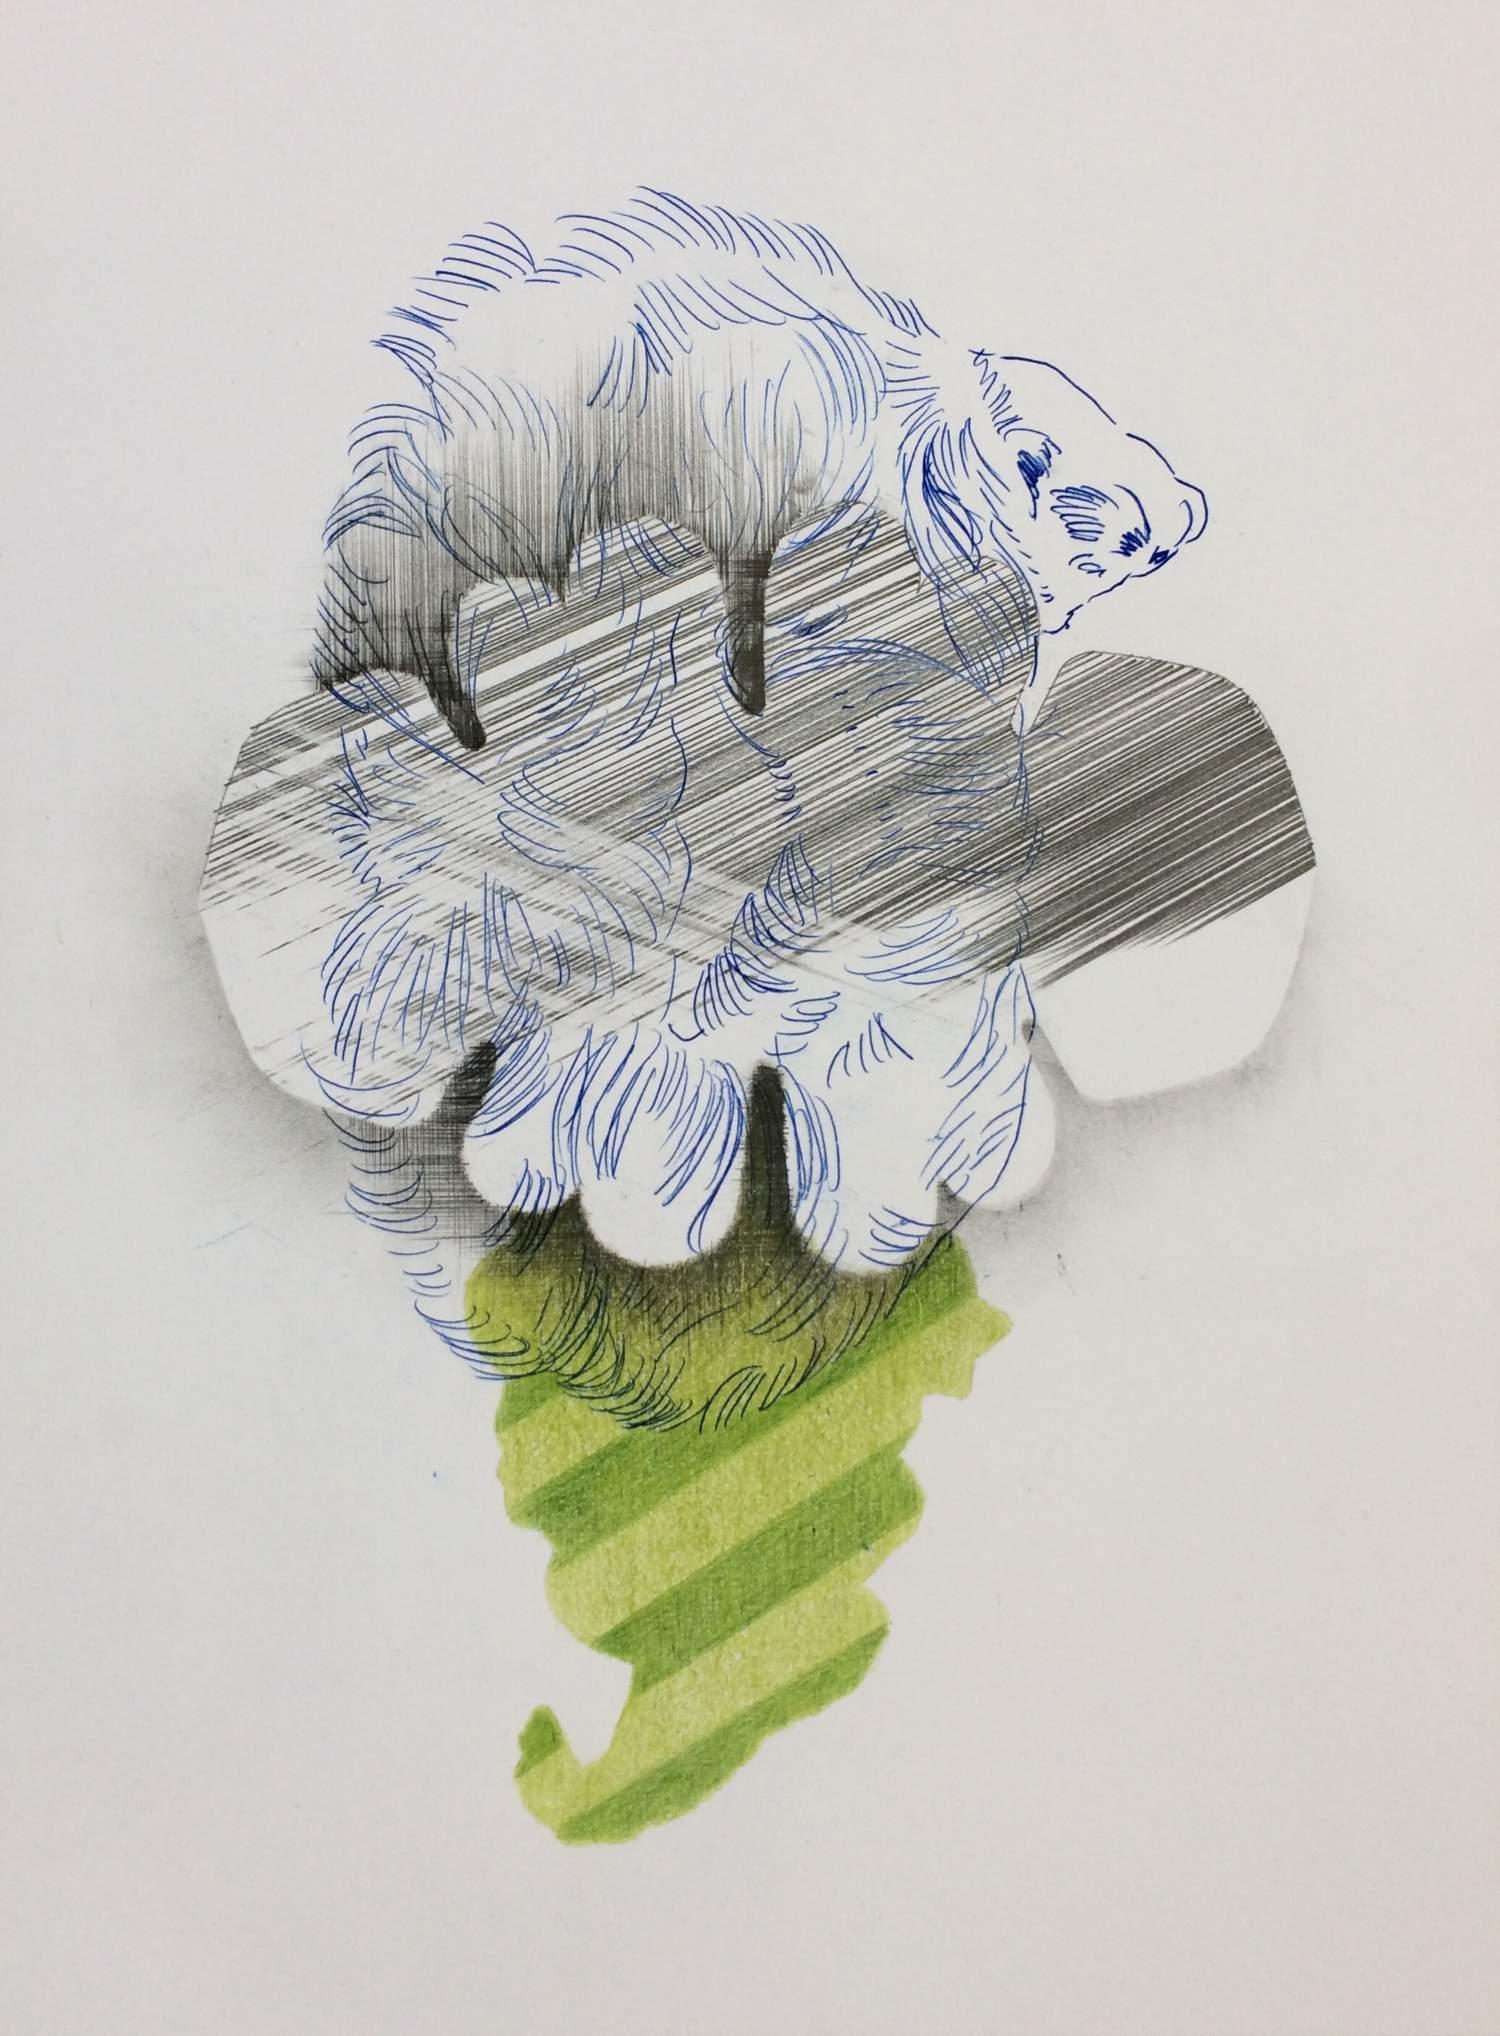 01#2019, Graphit, Farbstift und Intercopy auf Papier, 40 x 30 cm